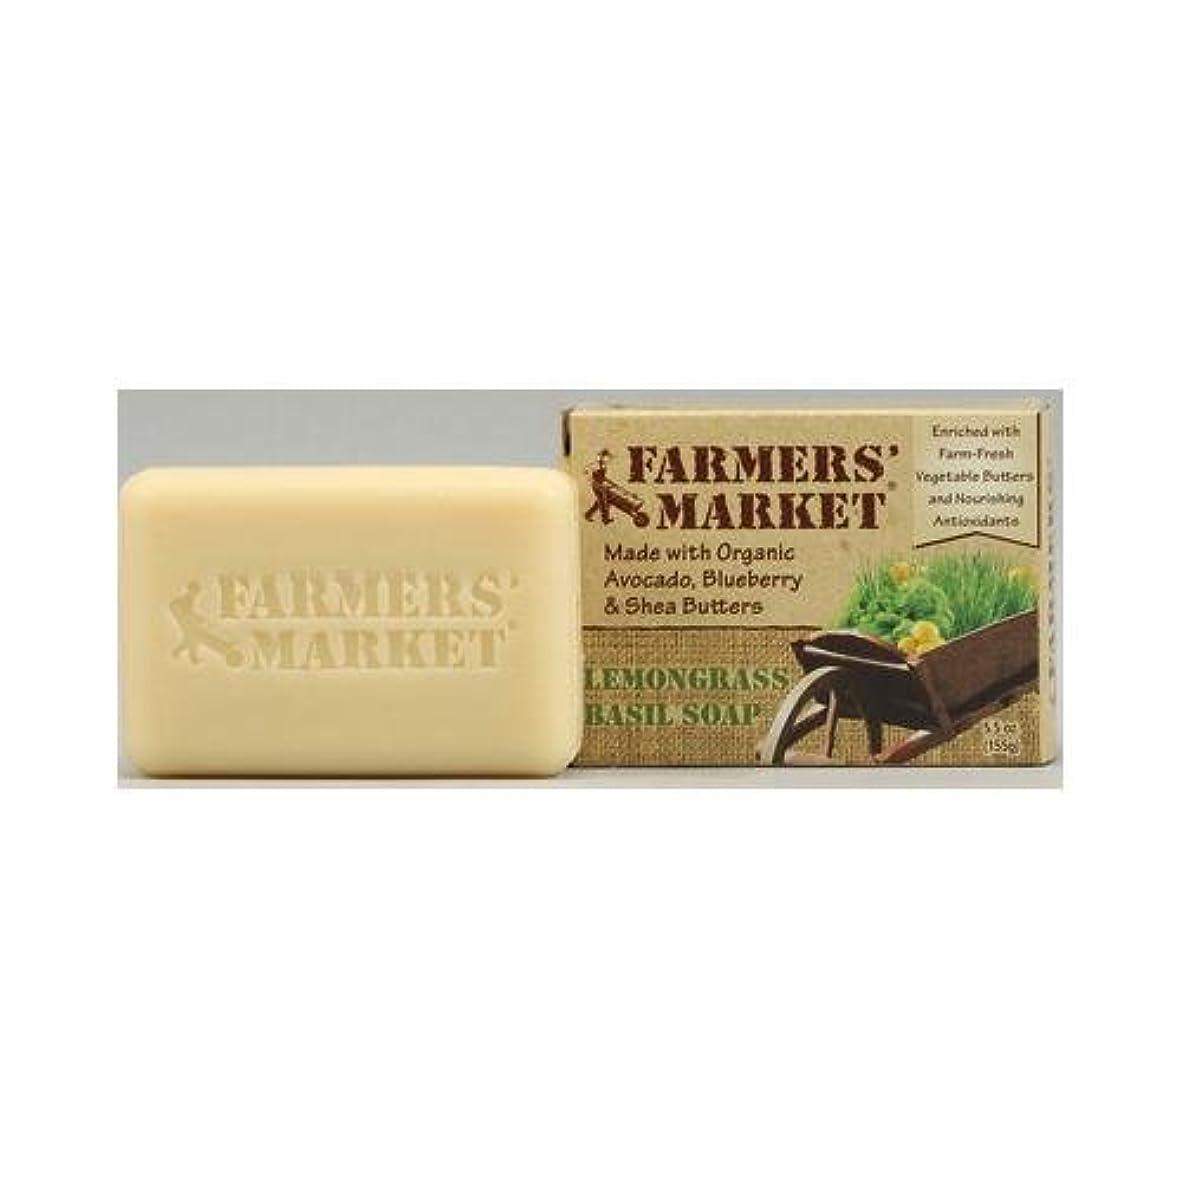 シーフードメンター受賞Natural Bar Soap Lemongrass Basil - 5.5 oz by Farmer's Market